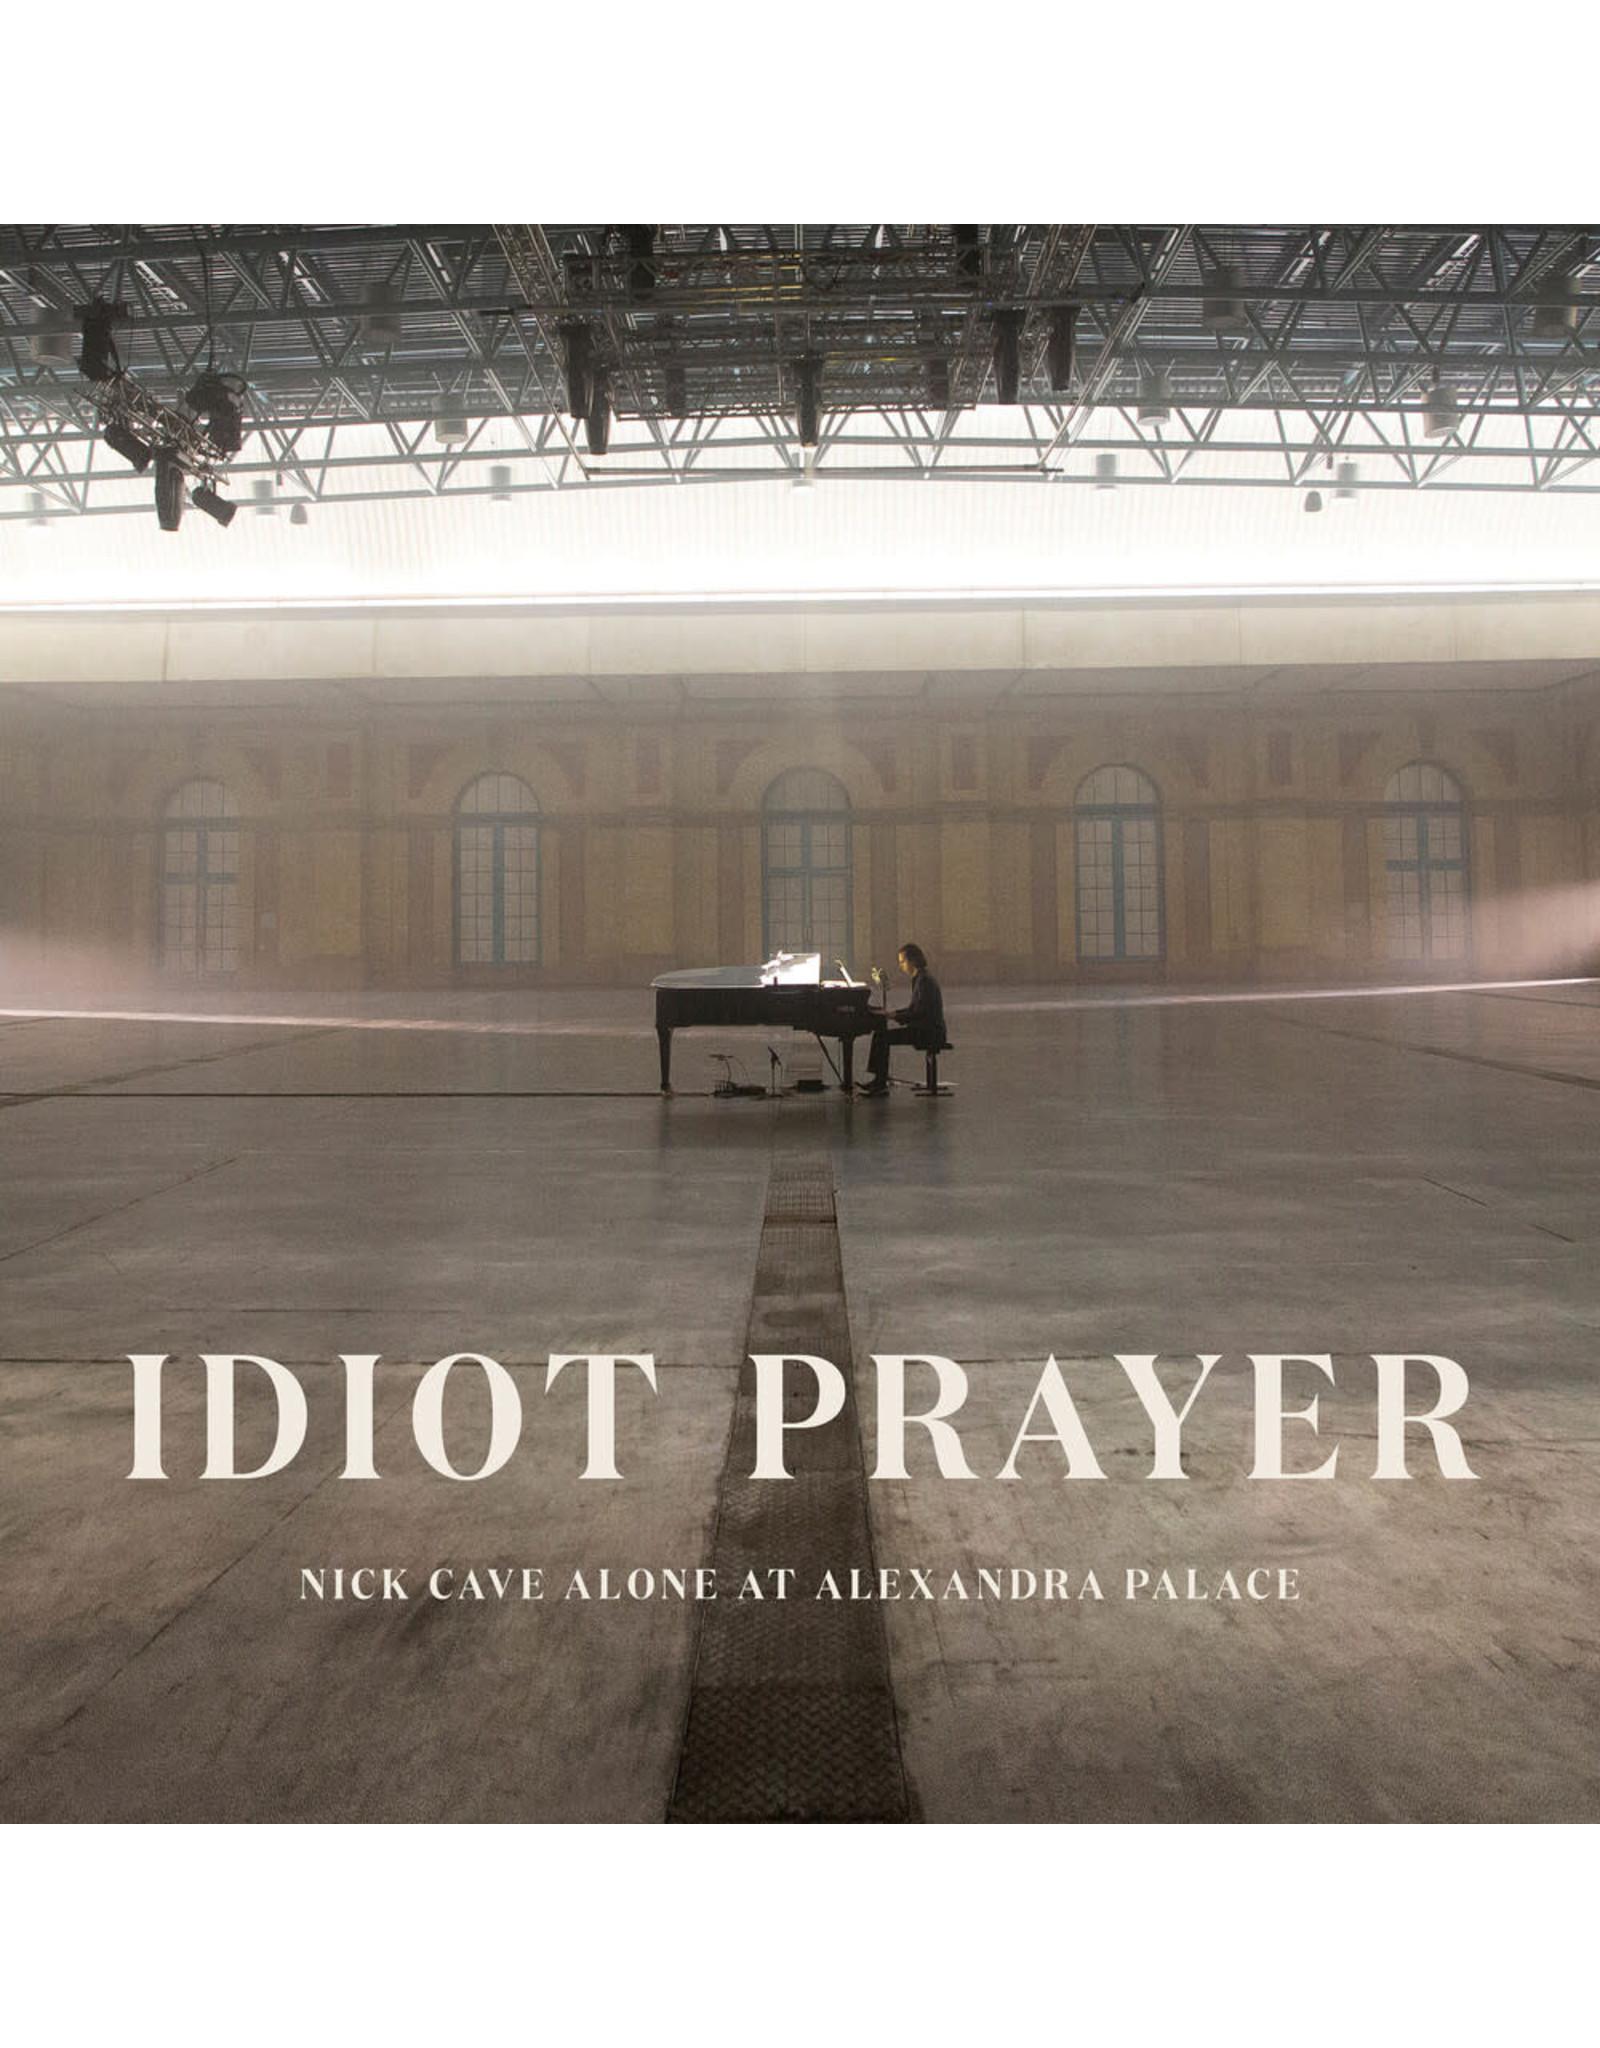 Cave, Nick - Idiot Prayer: Alone at the Alexandra Palace 2LP